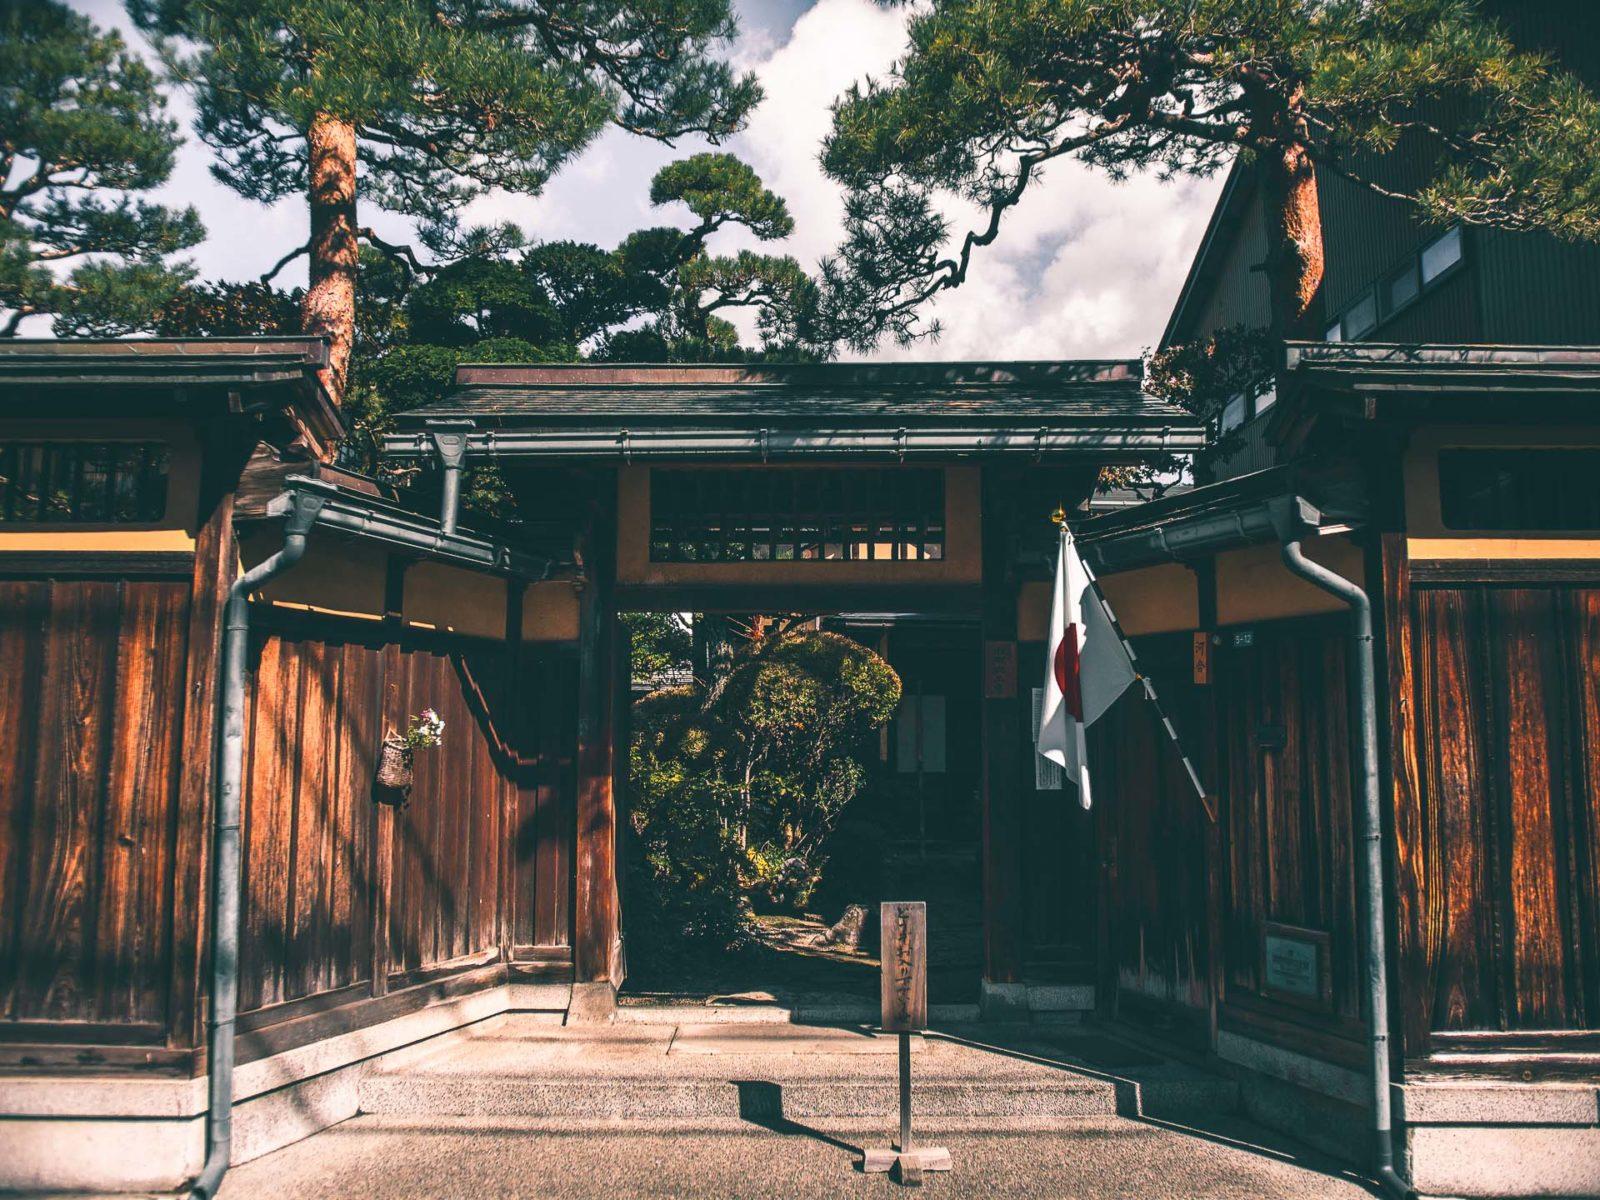 1600942432 432 Hida Furukawa camina en Japon inspiracion de Your Name